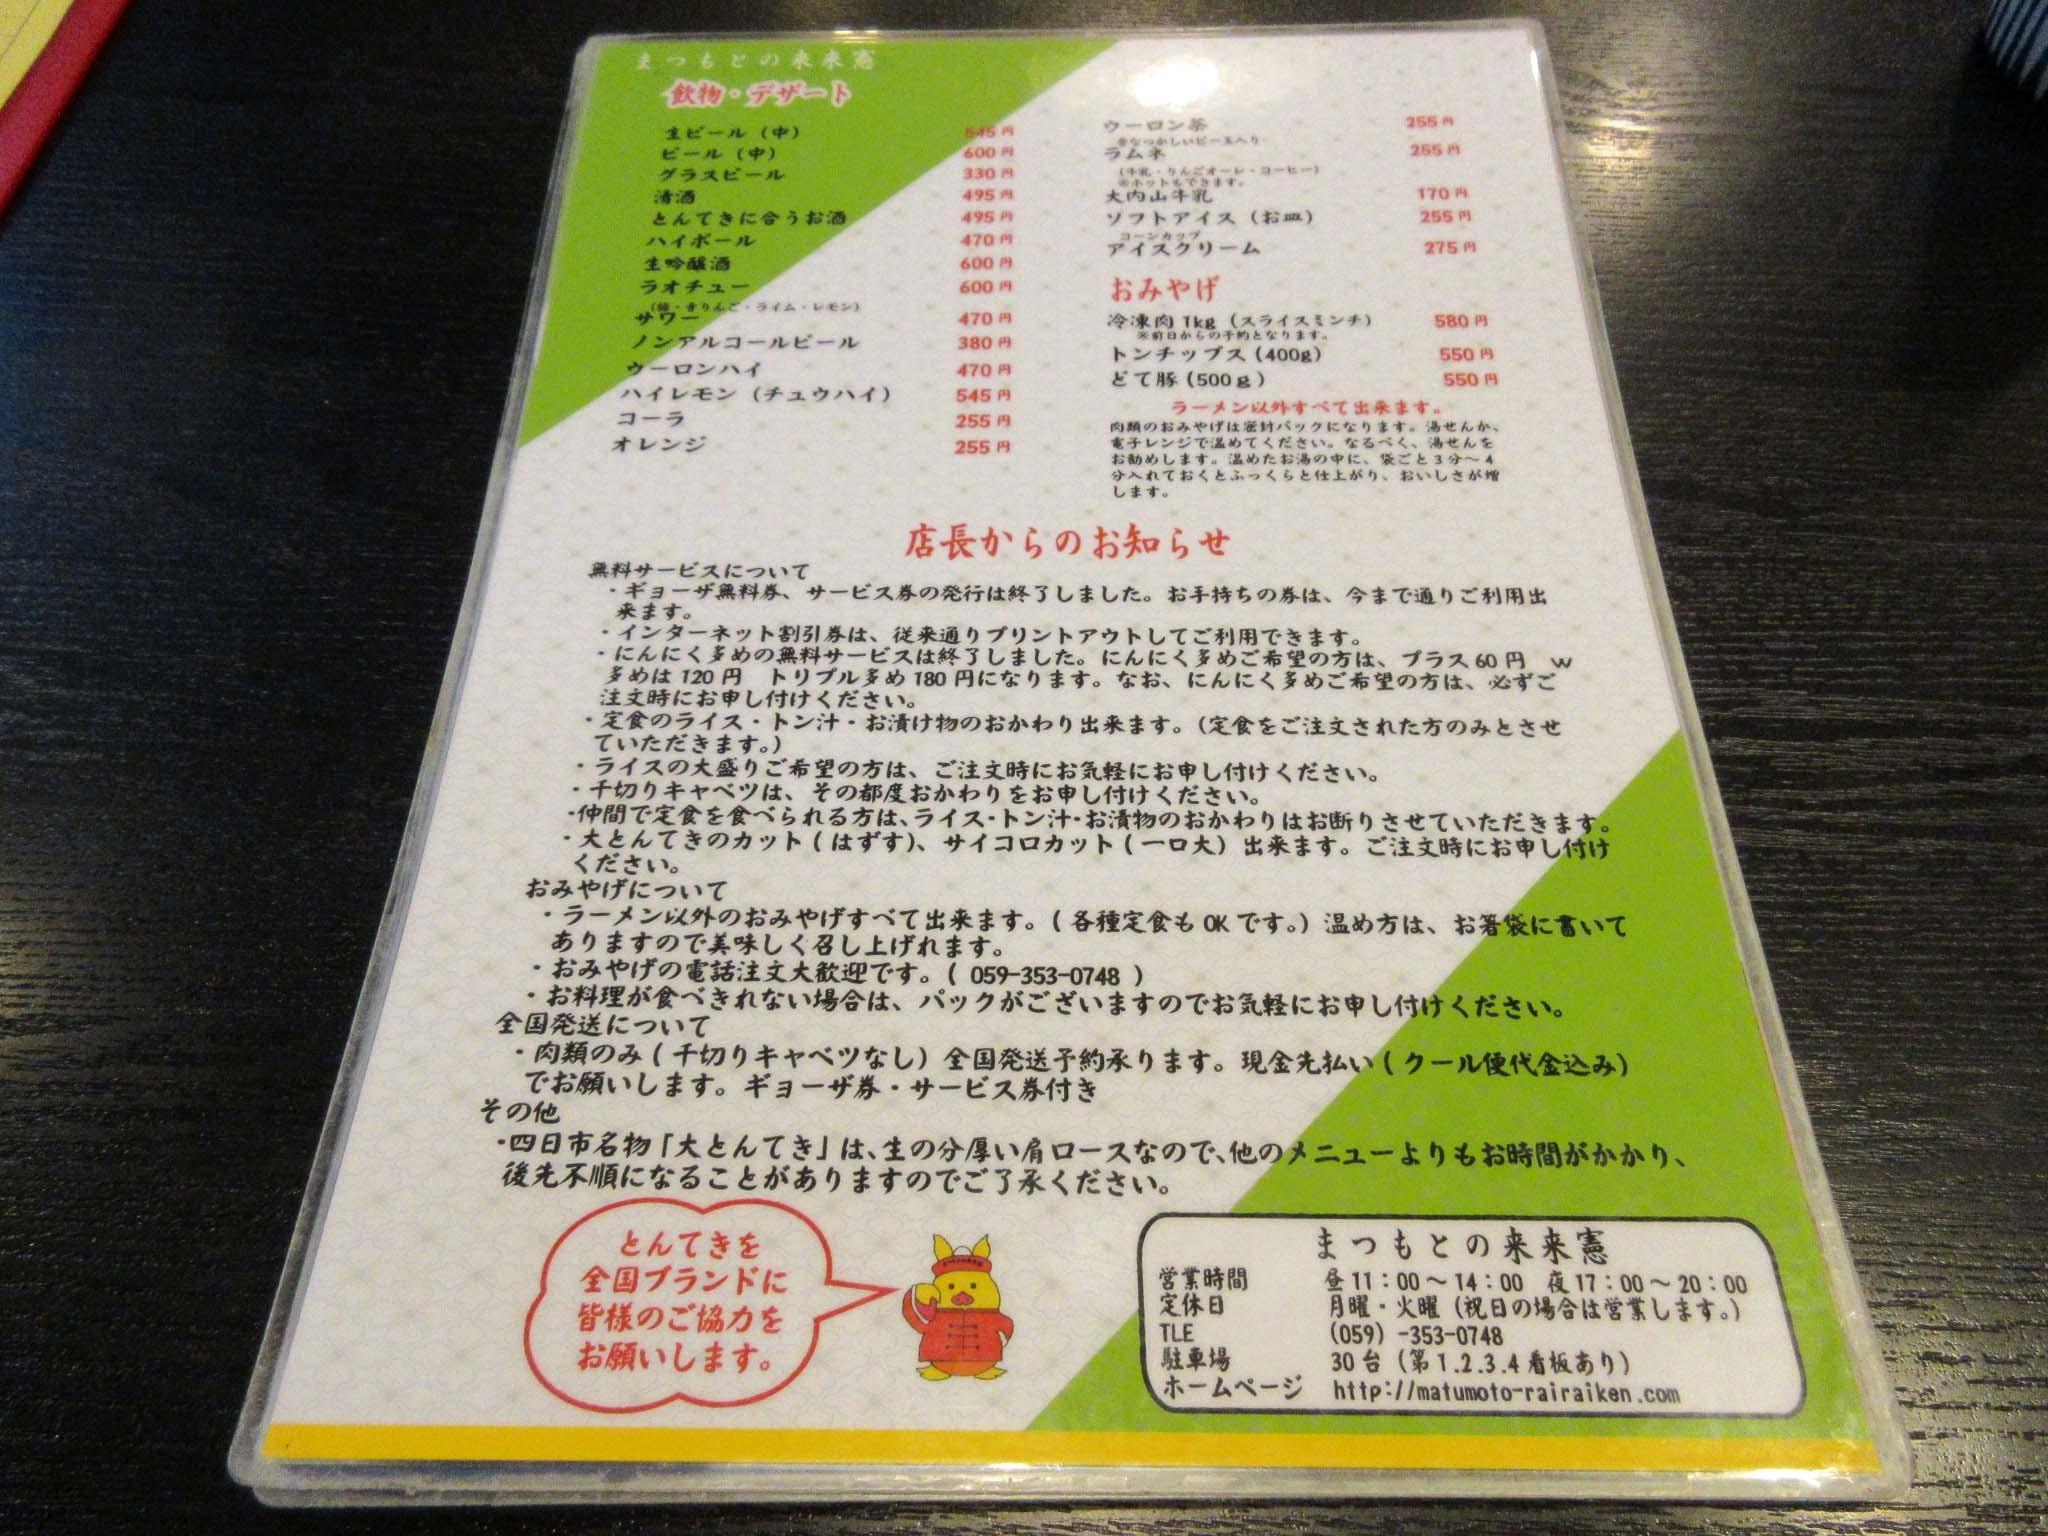 メニュー ドリンク&お知らせ